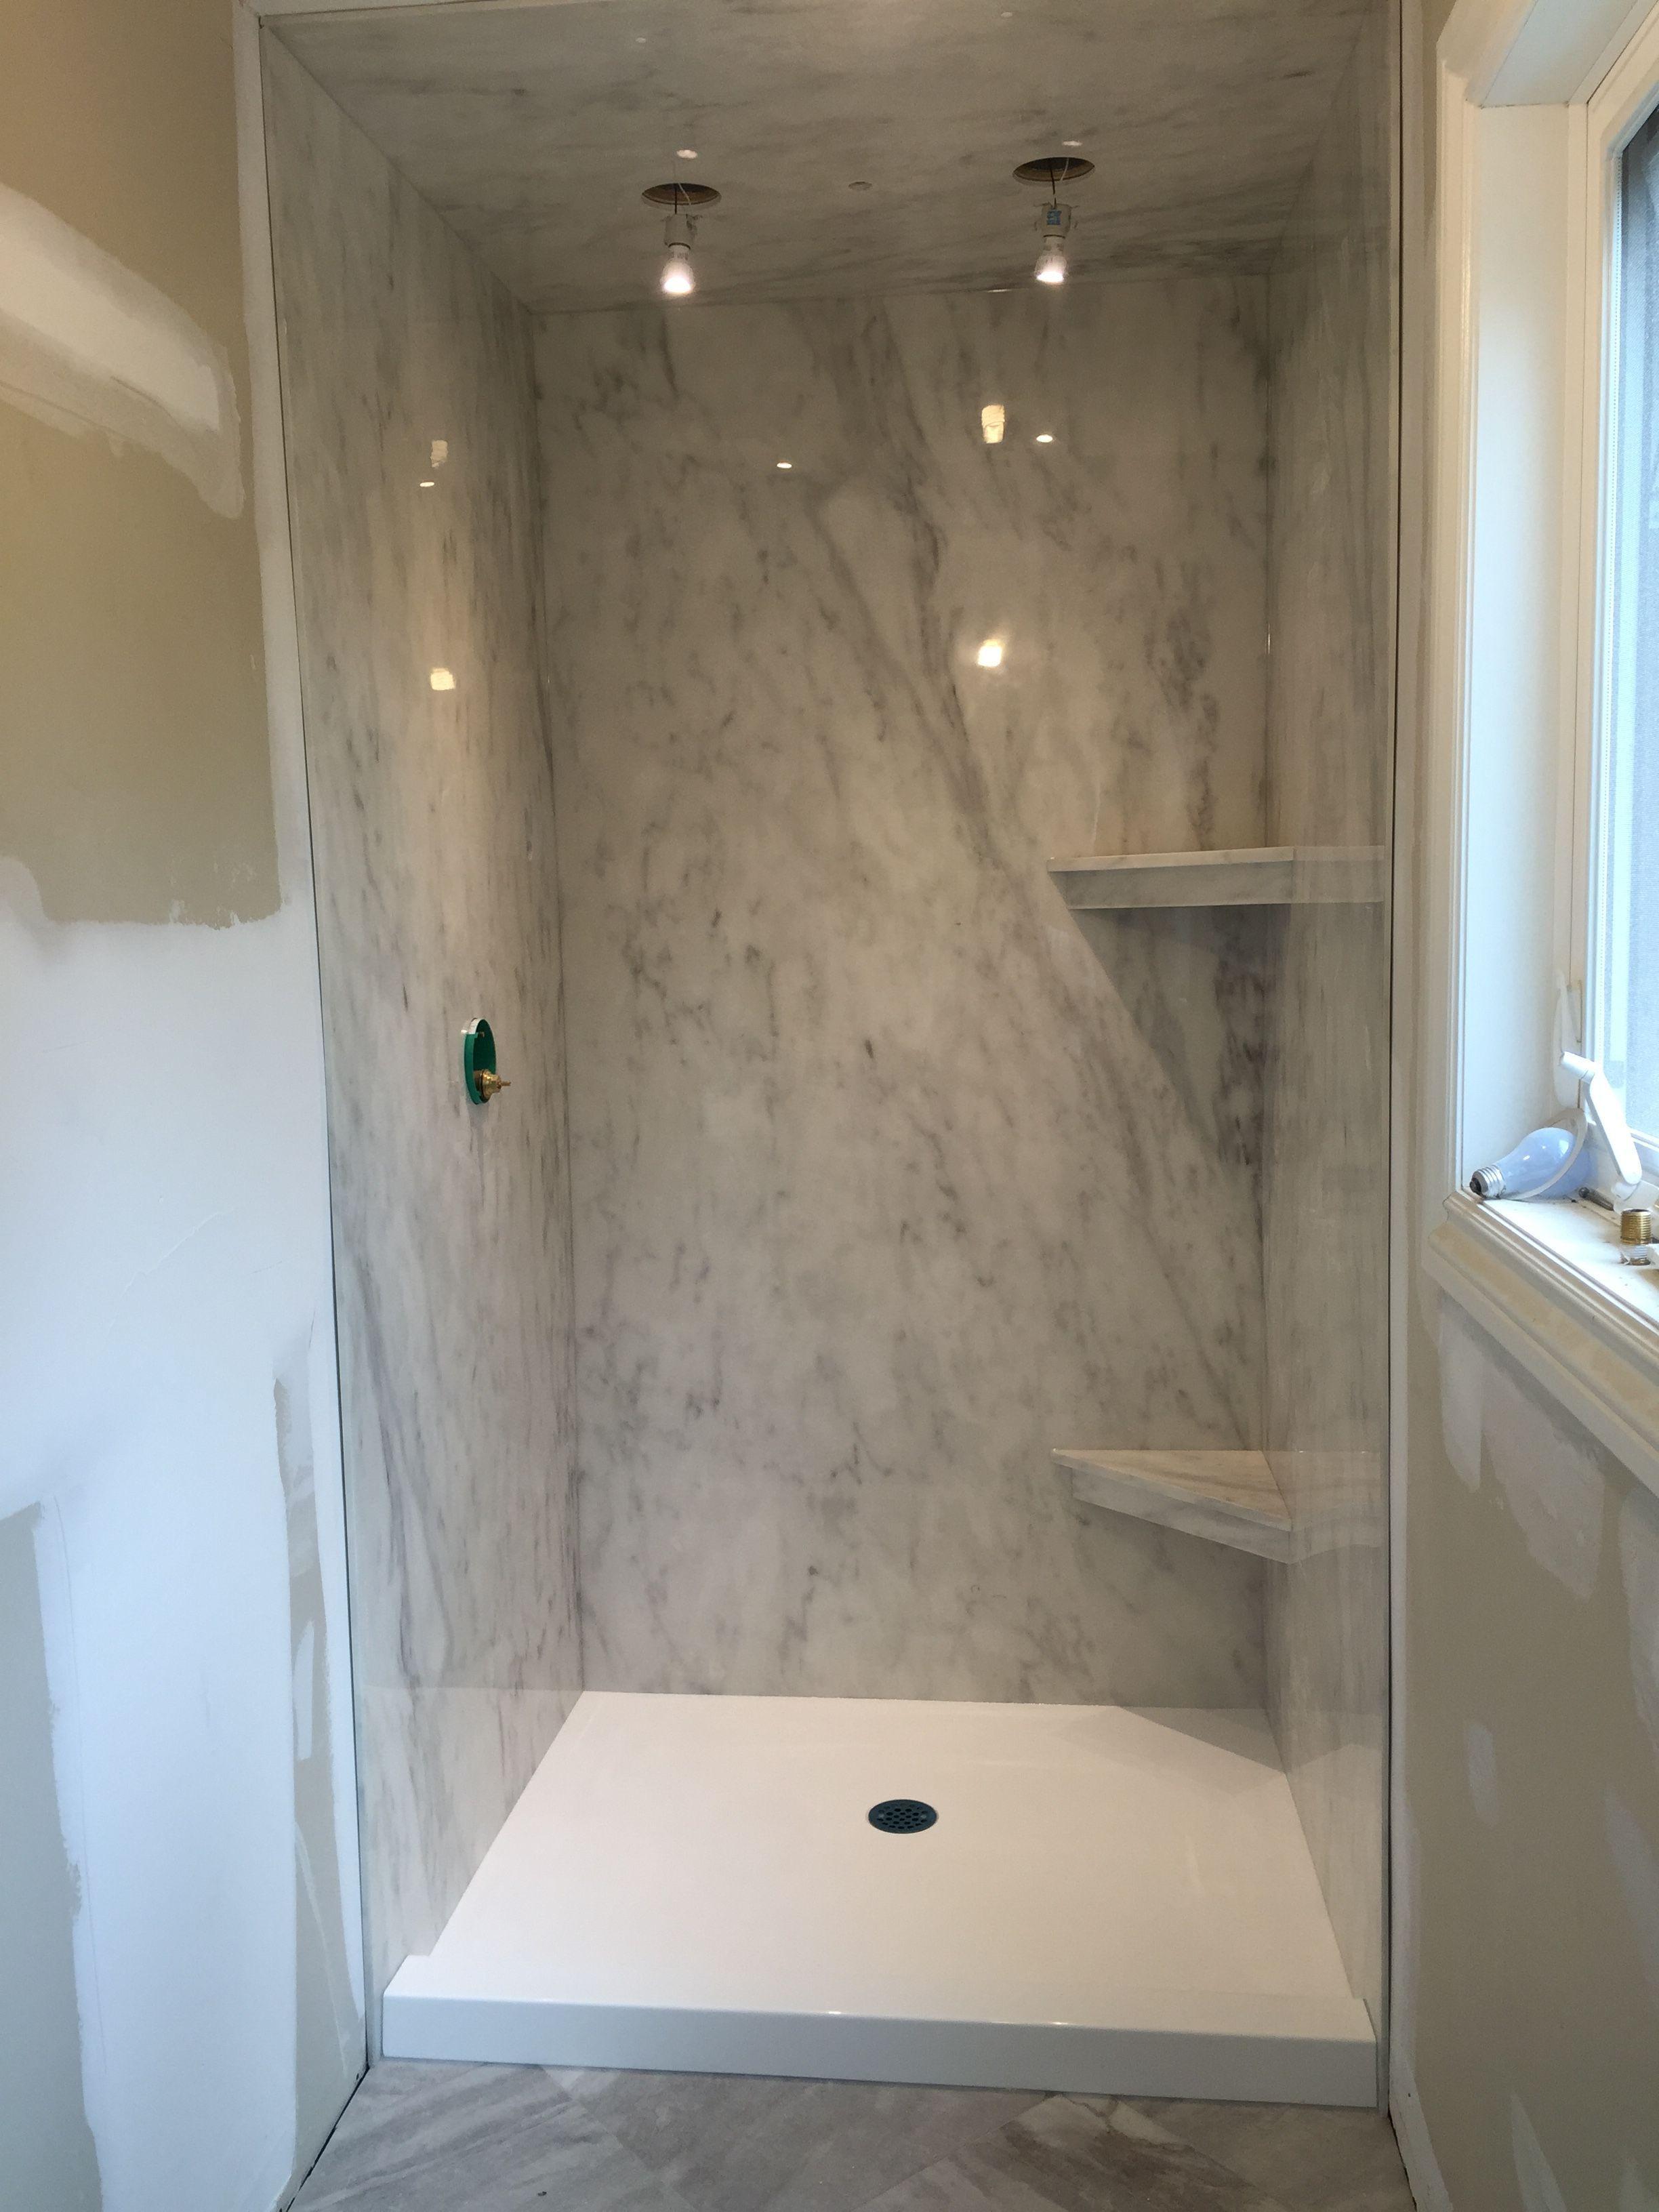 36 Exellent Tiles Subway Bathroom Remodel Cost Marble Shower